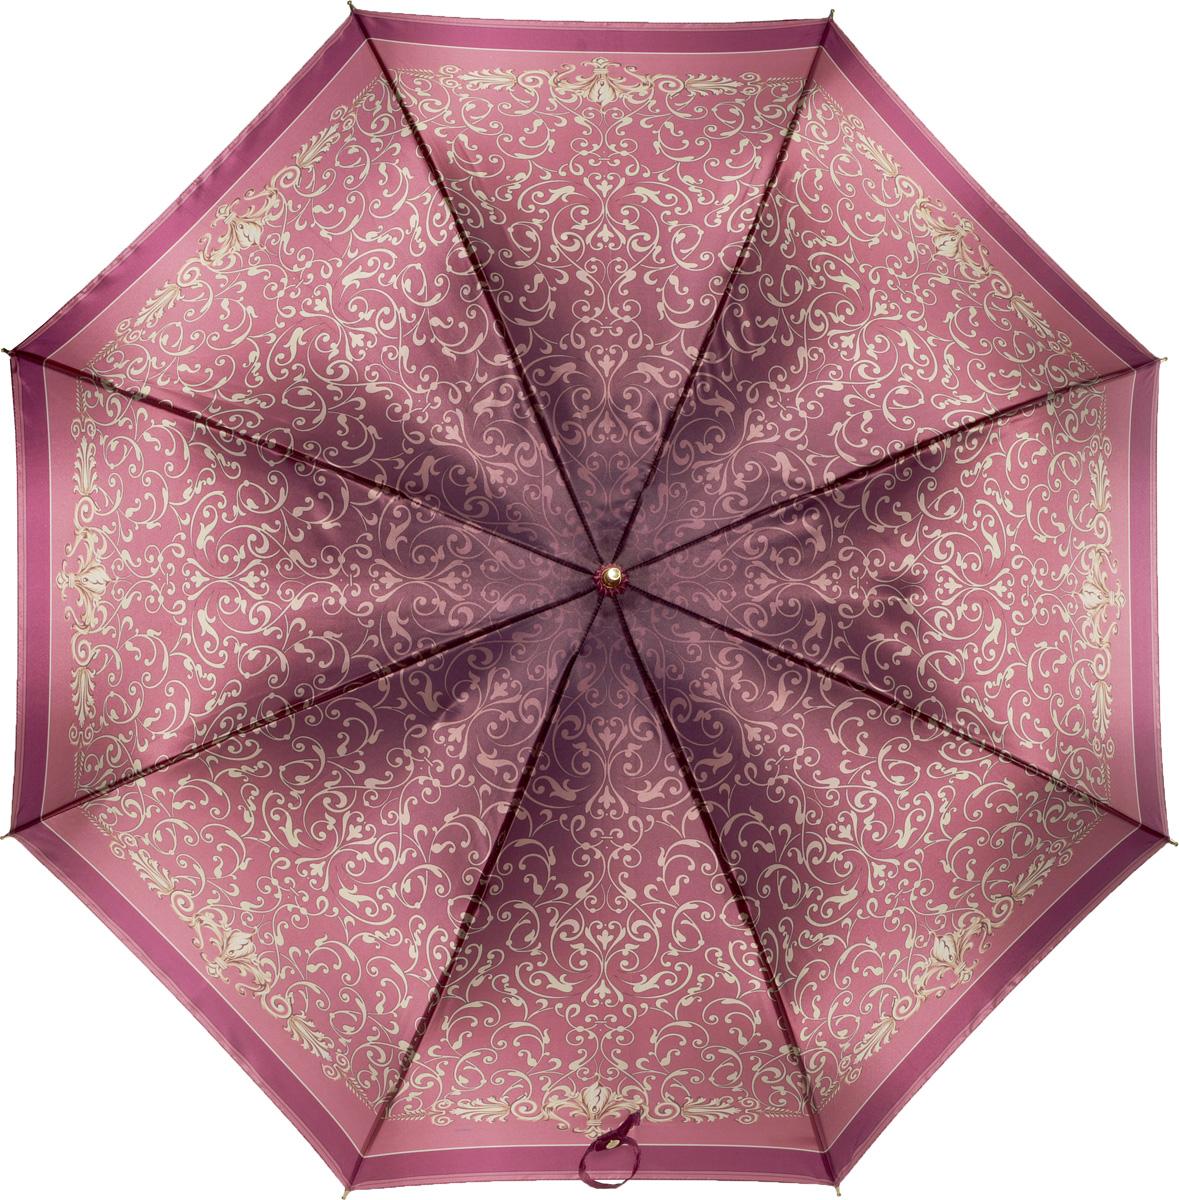 Зонт женский Fabretti, механика, трость, цвет: бордовый. 16061606Зонт-трость женский Fabrett.Элегантный зонт-трость наполнит вашу жизнь яркими красками.